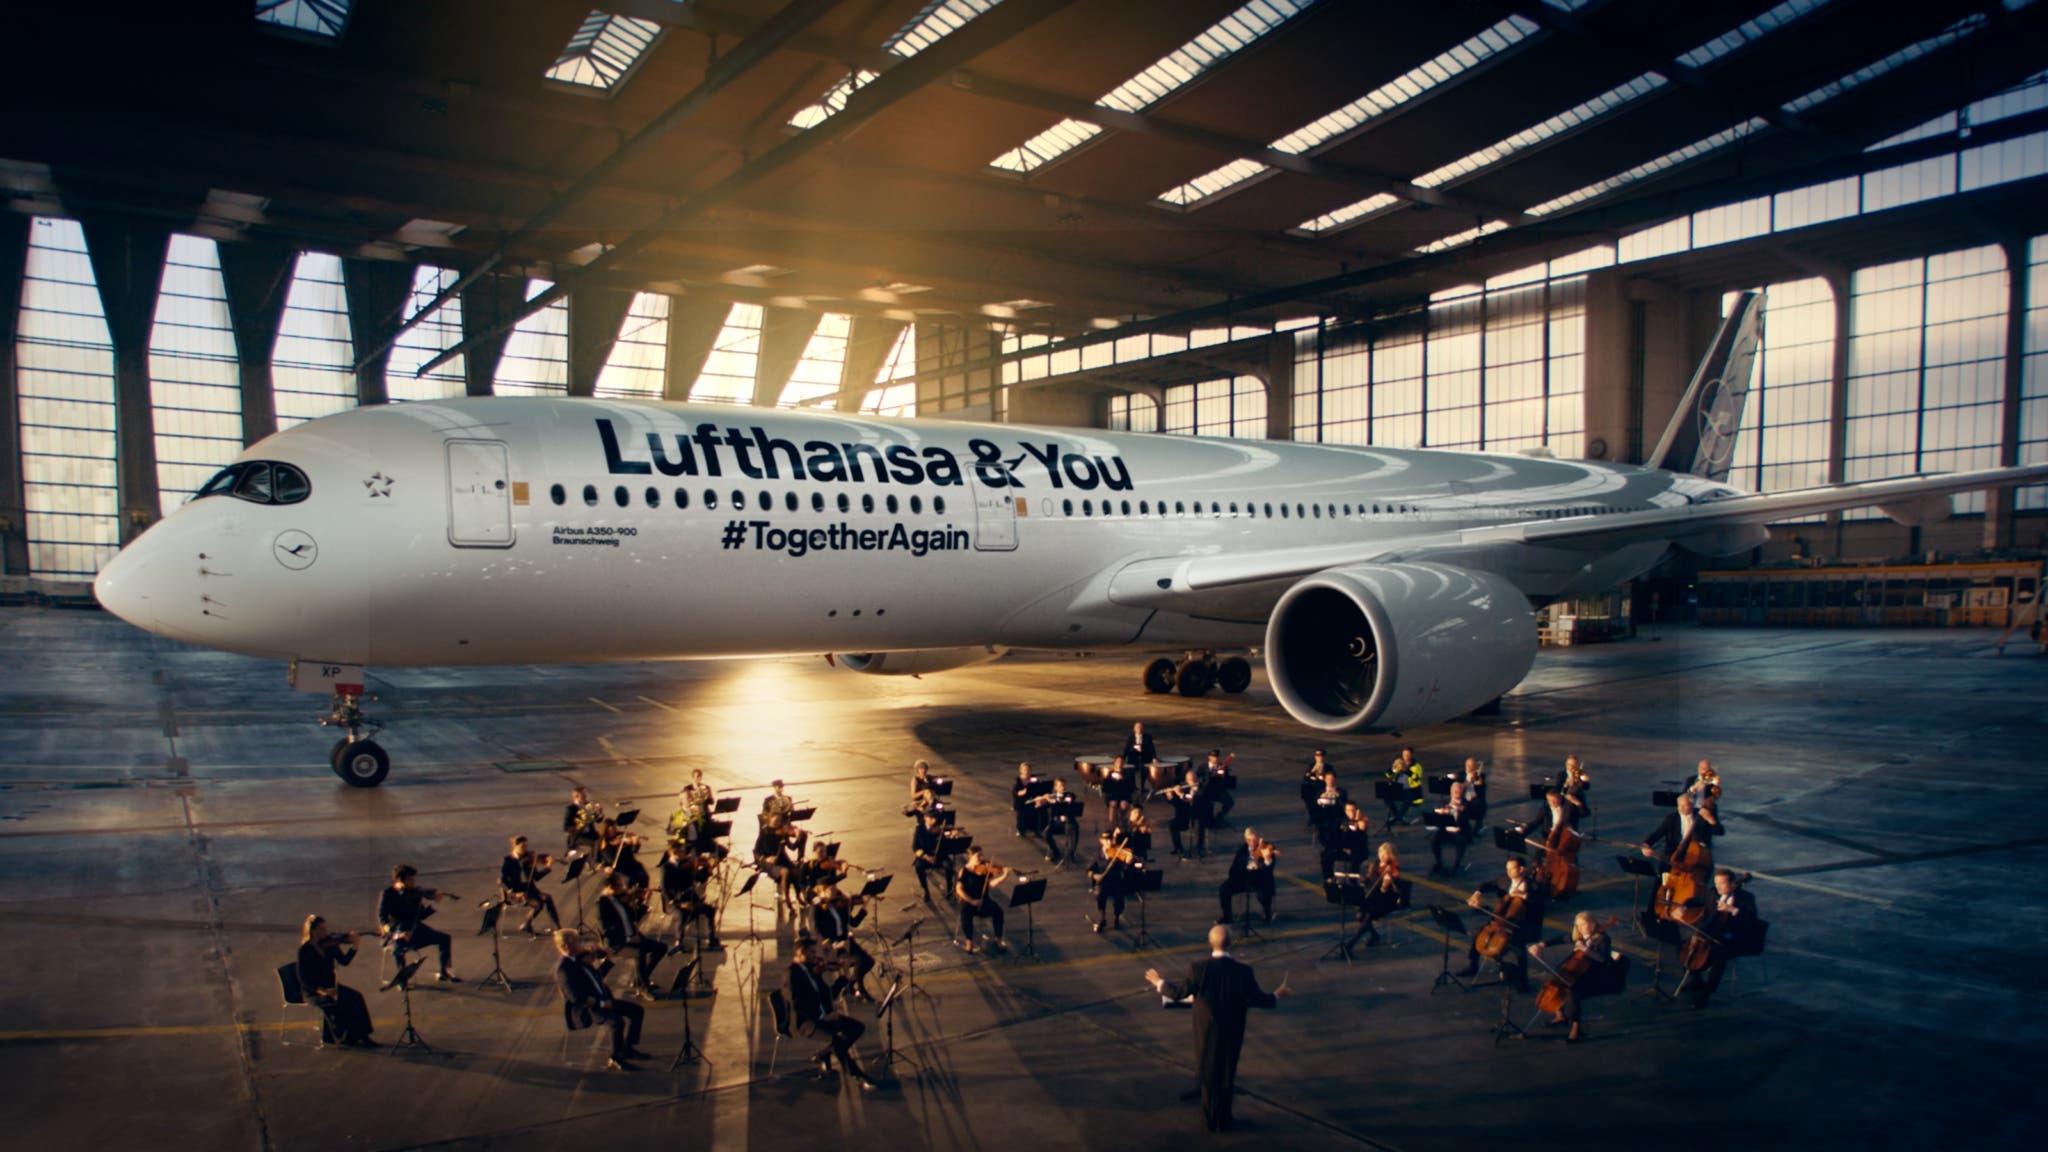 管弦乐队+A350!汉莎航空新广告来了